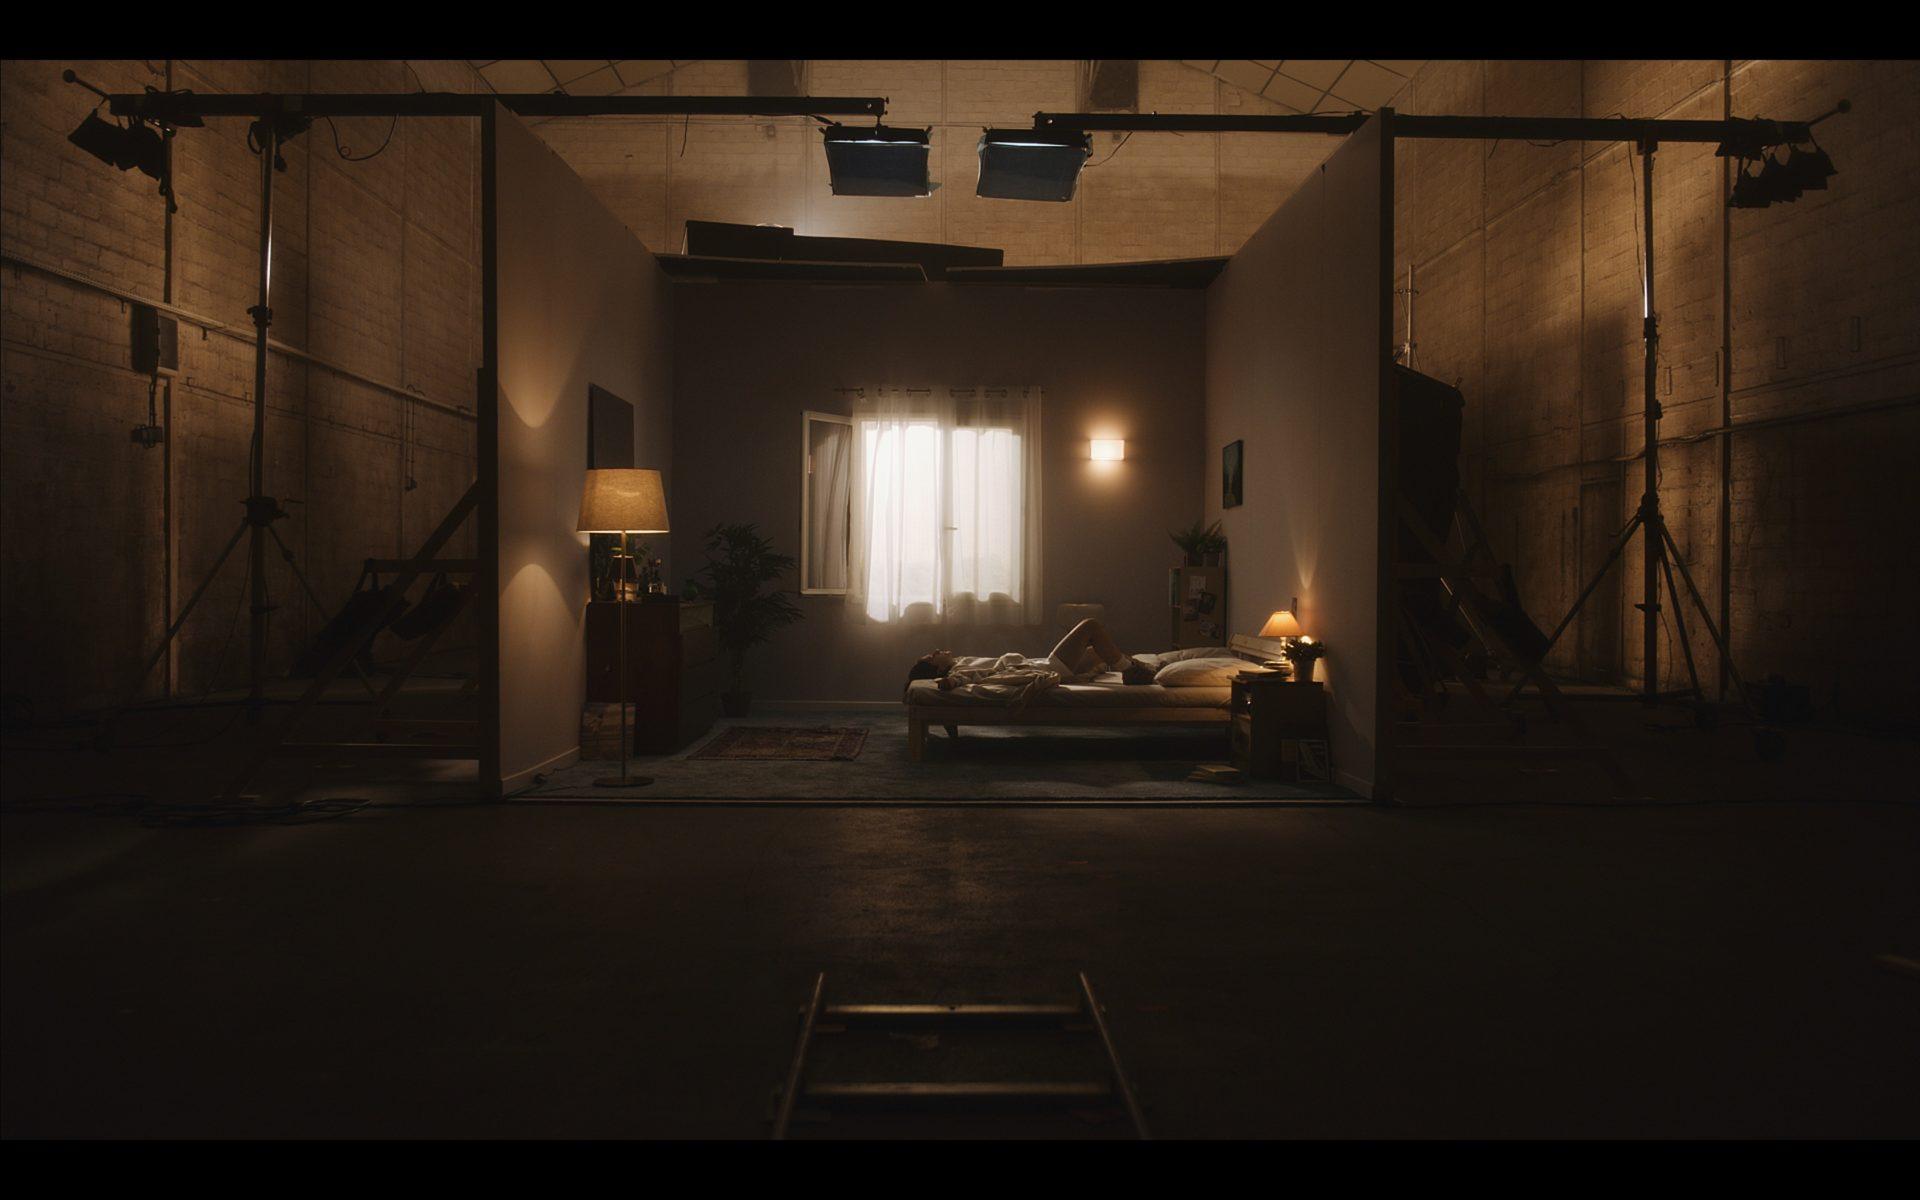 Screenshot 2019-11-10 at 13.25.21